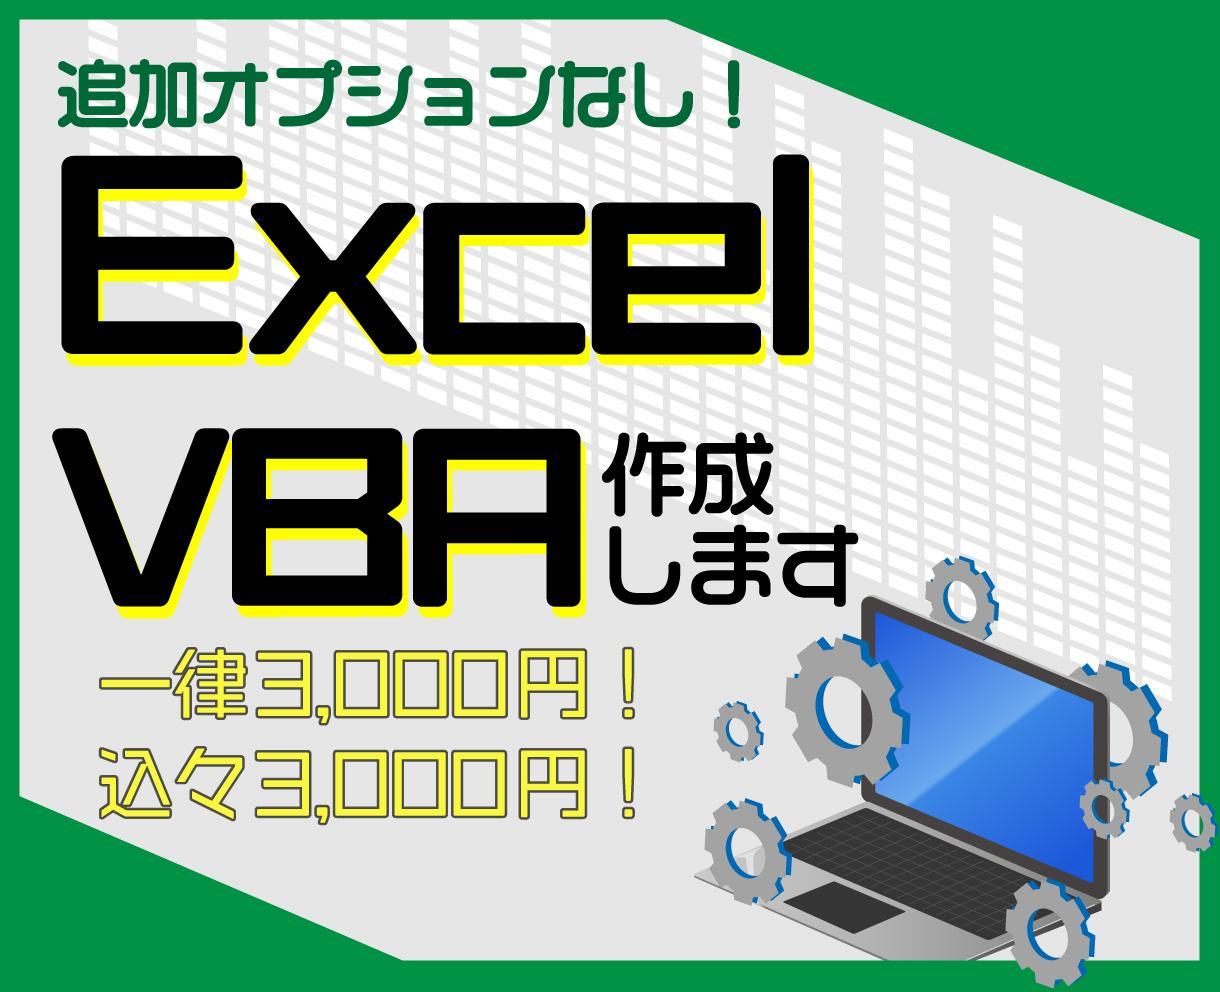 Excel(エクセル)フォーマット作成します 低価格、高品質、マクロVBA対応可 イメージ1